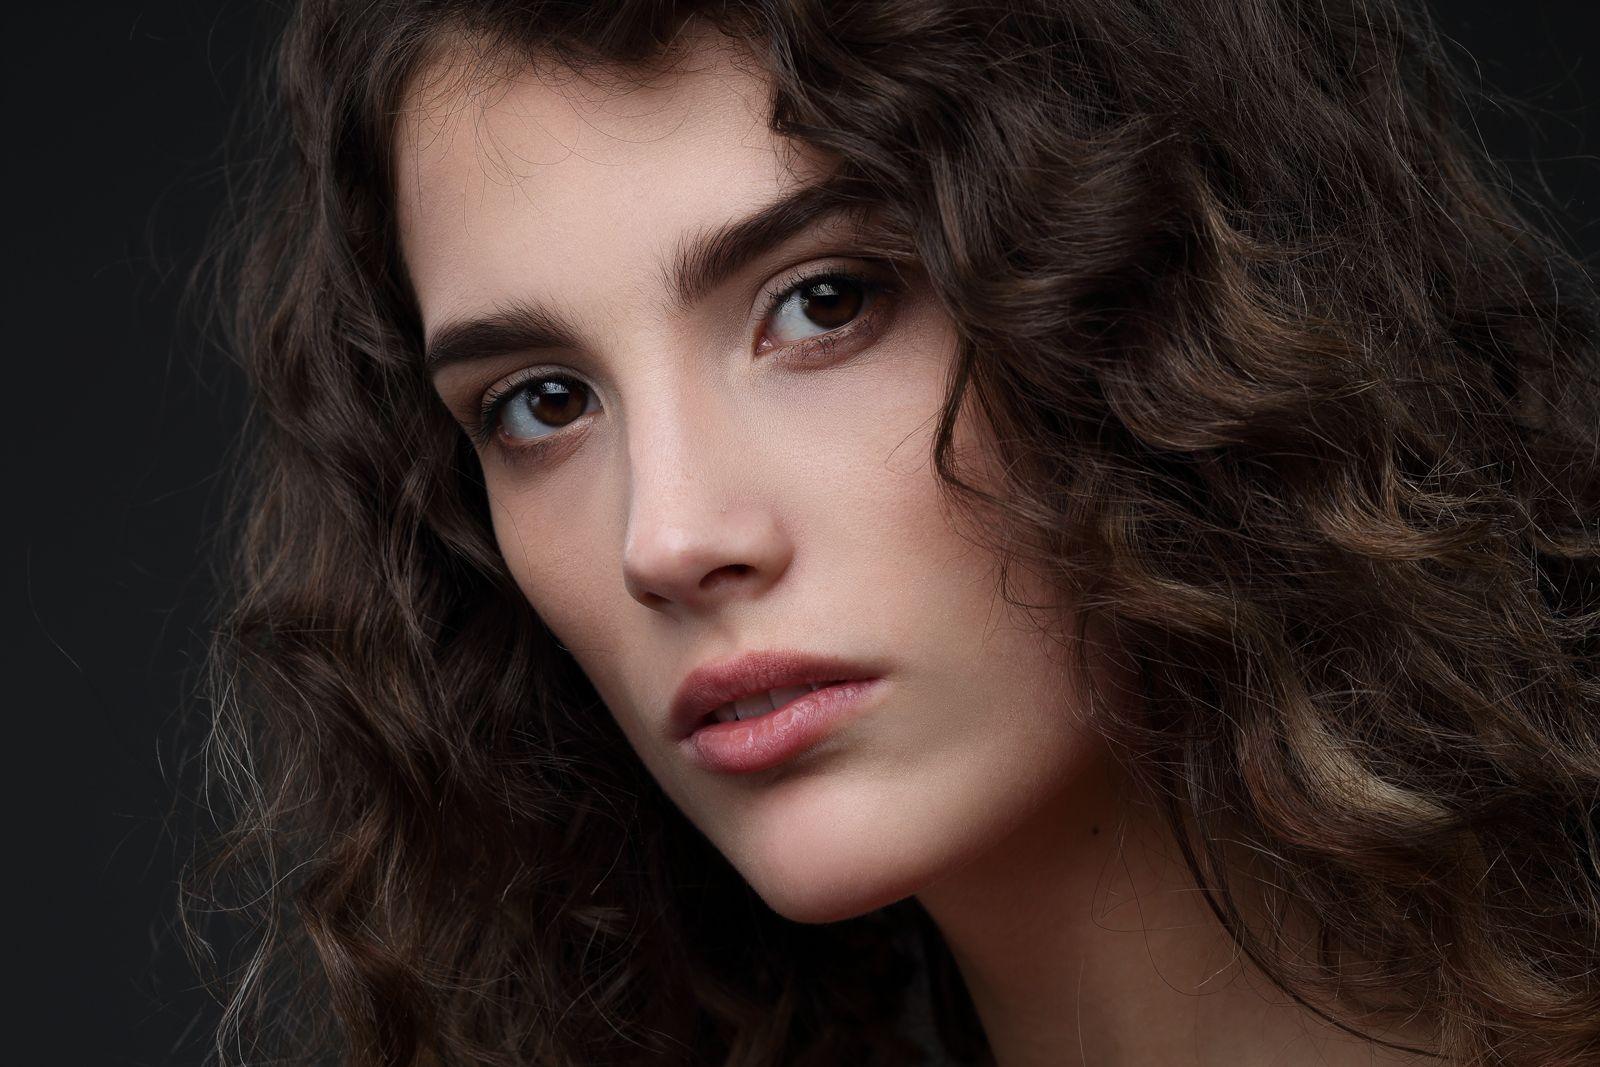 Надежда К Девушка женщина модель молодость взгляд портрет бьюти фото красивая актриса волосы